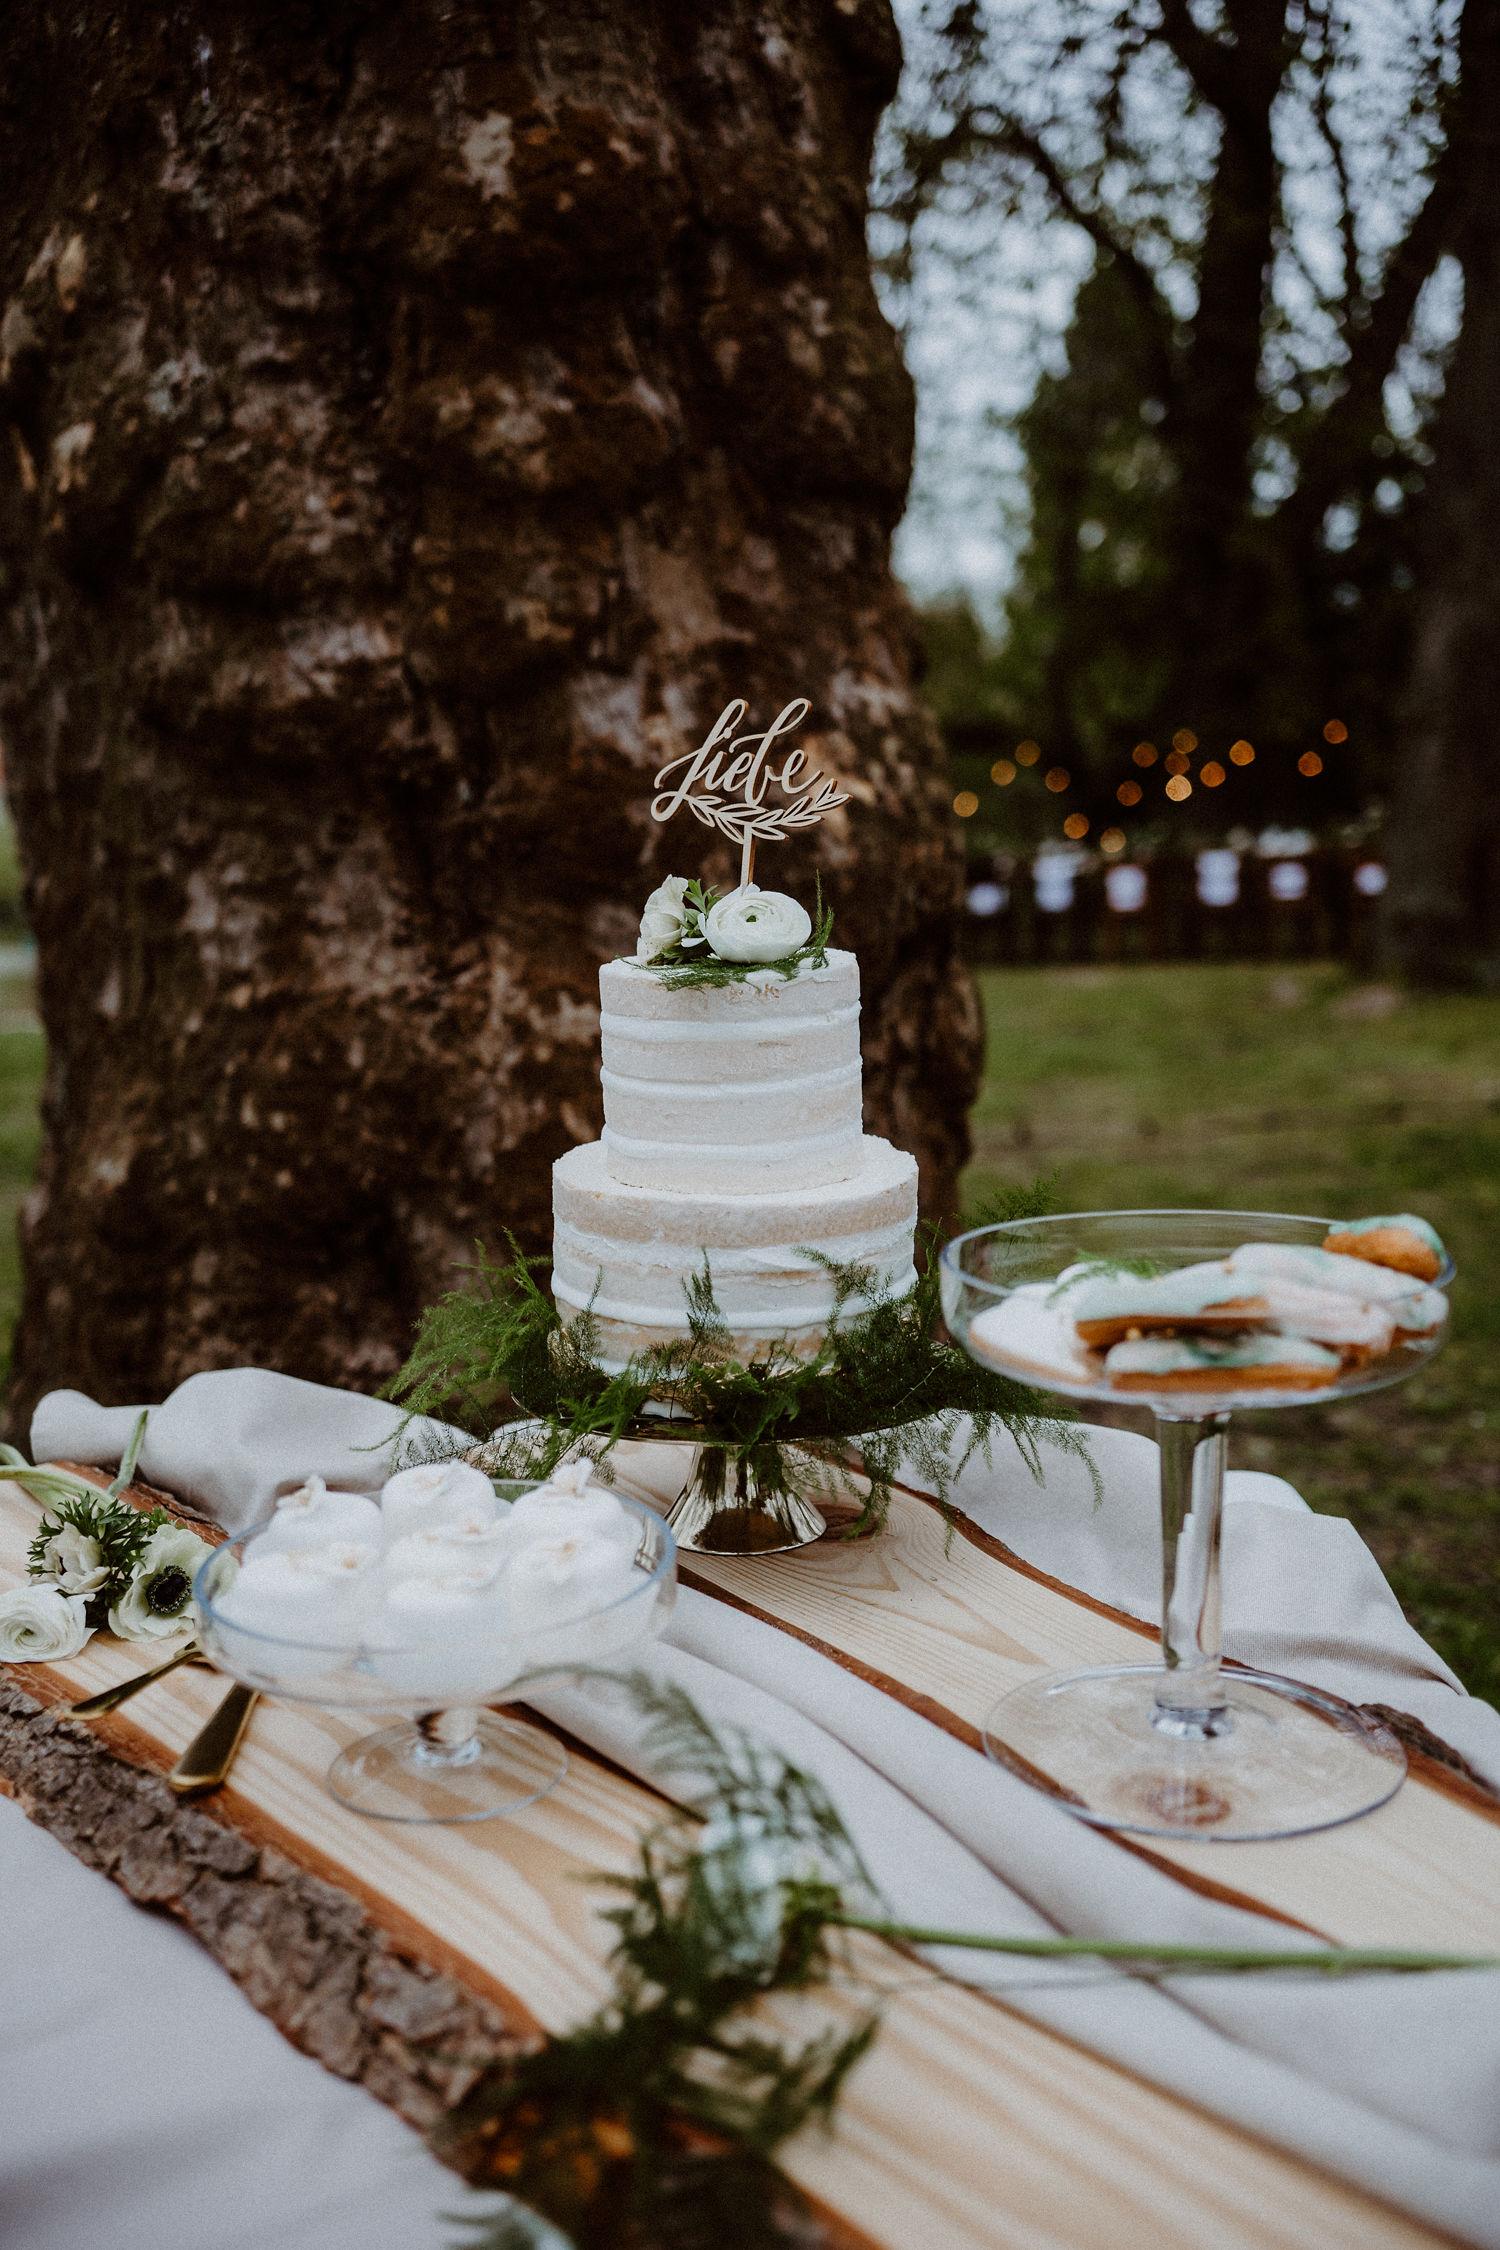 Hochzeitstorte Naked Cake mit Liebe Cake Topper, Tortentopper Liebe Hochzeit